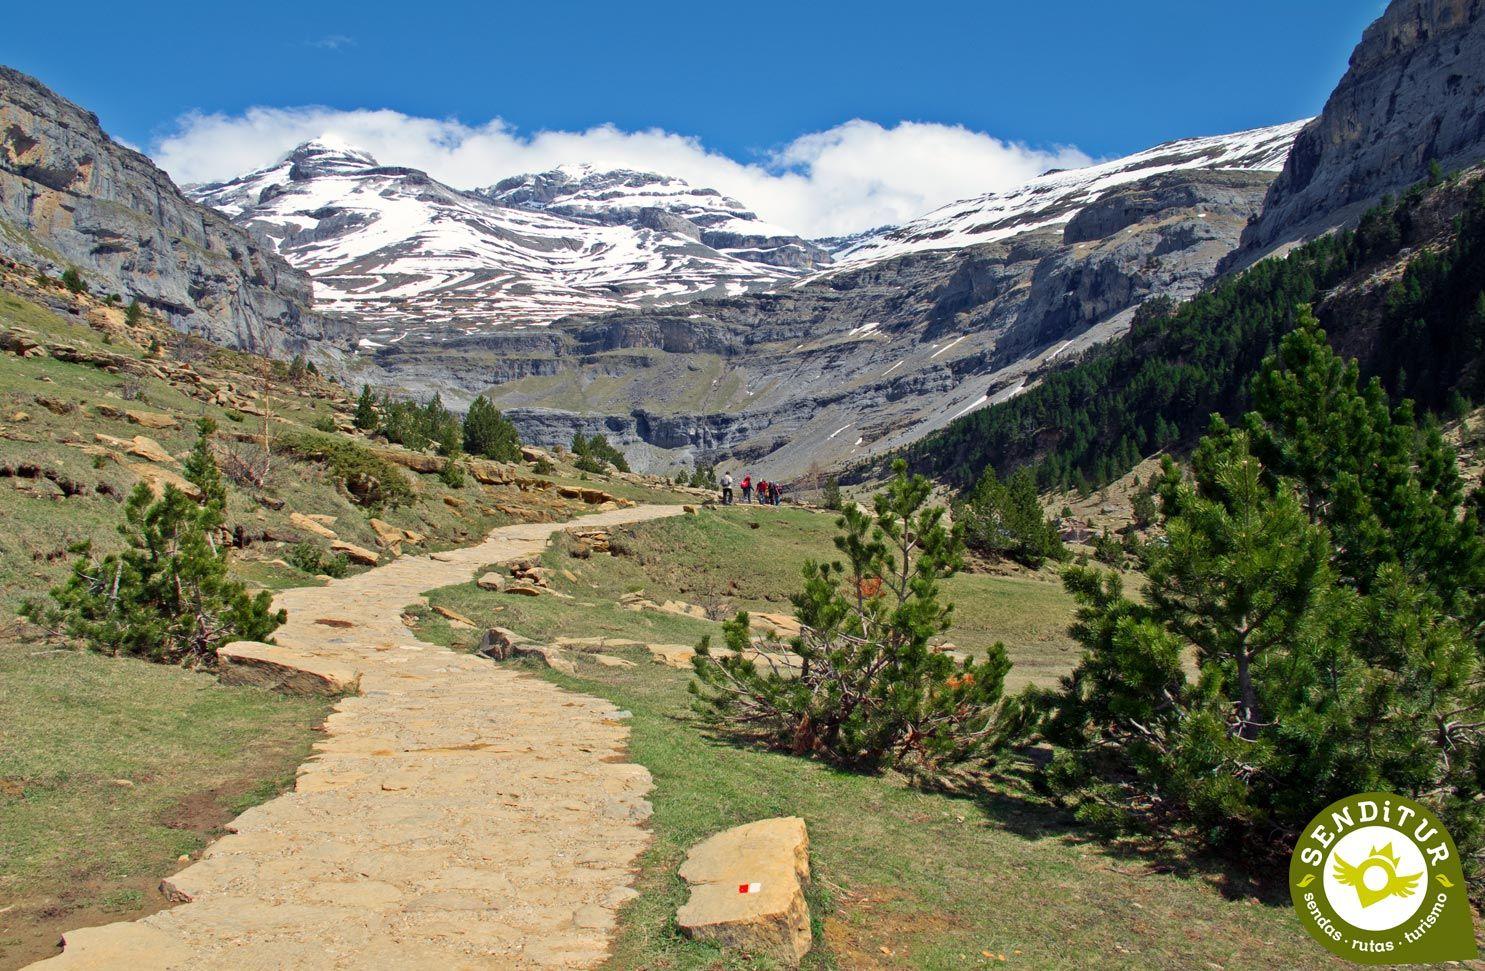 En 8 Paseos Y Excursiones Por Huesca Descubre Recorridos En Familia Y Con Niños Rutas De Senderismo Y Trekking En Los Pirine Rutas De Senderismo Rutas Turismo